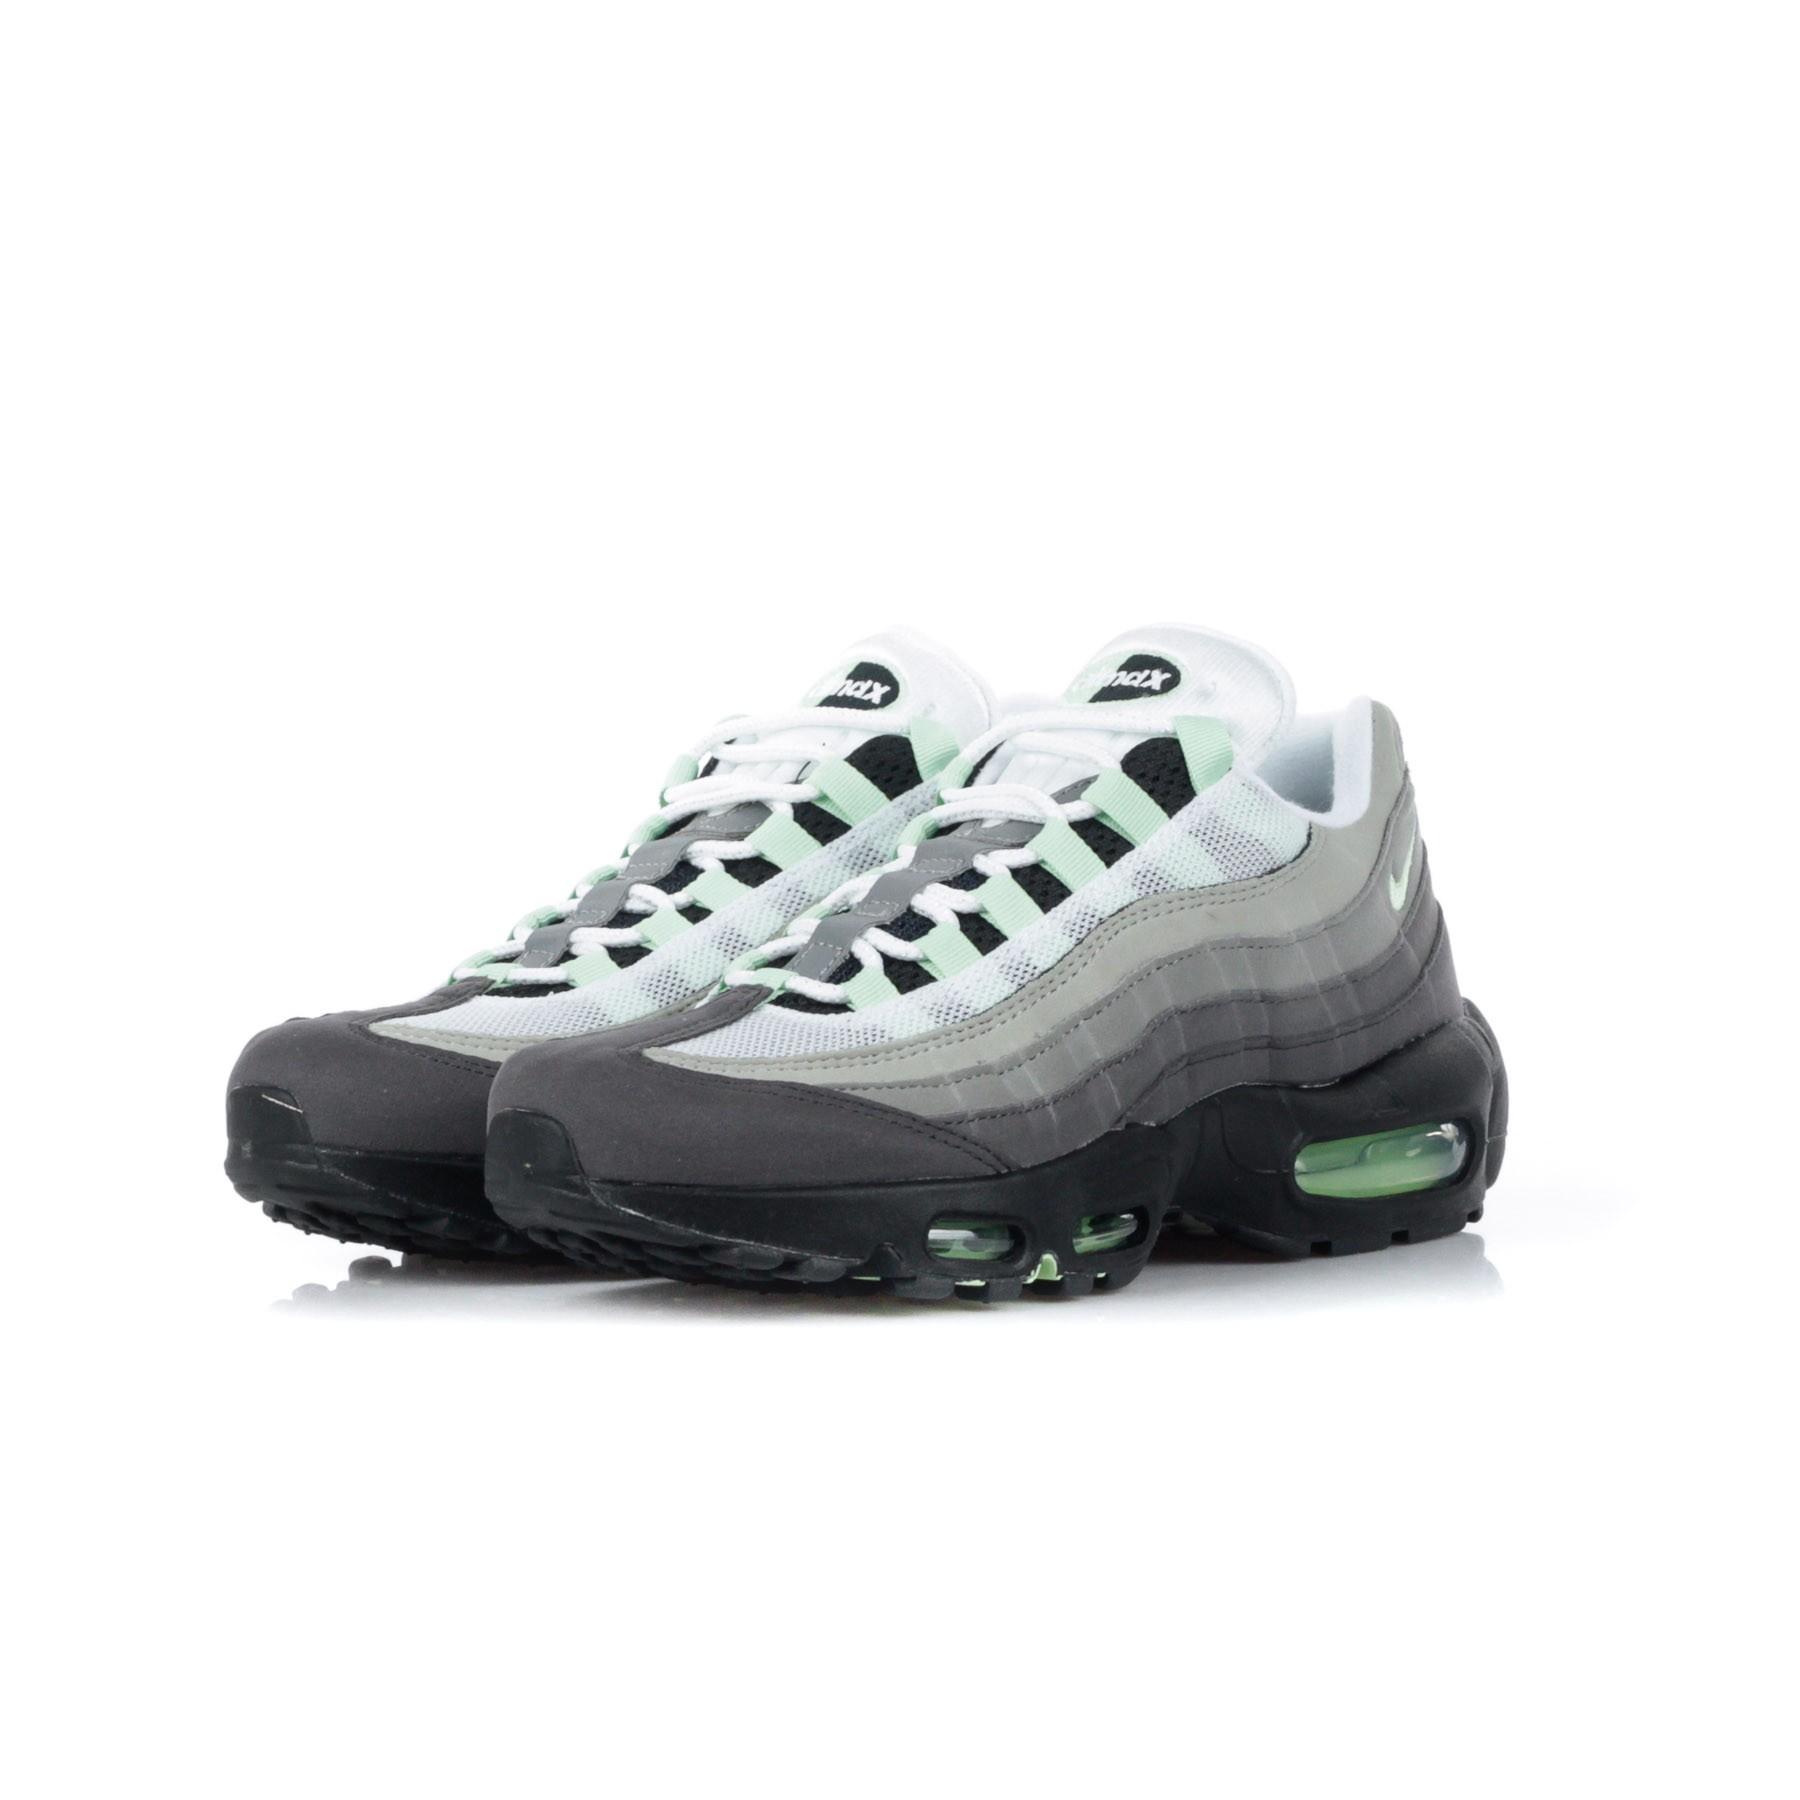 Nike Air Max 95 white fresh mint